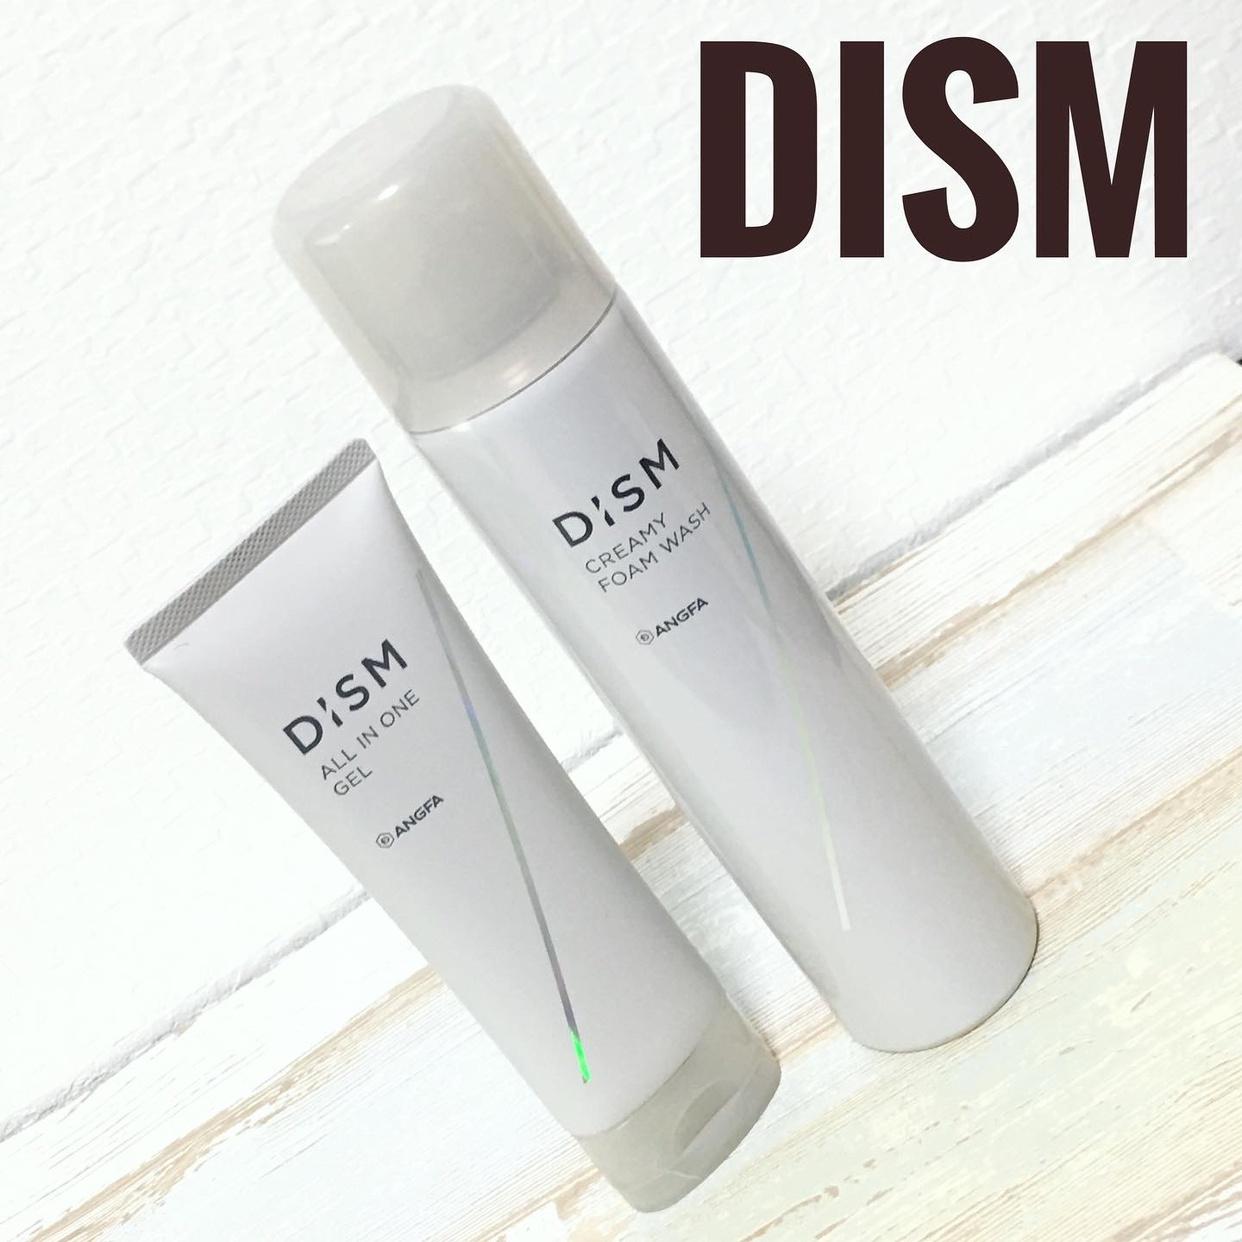 DISM(ディズム) オールインワンジェルの良い点・メリットに関する有姫さんの口コミ画像1